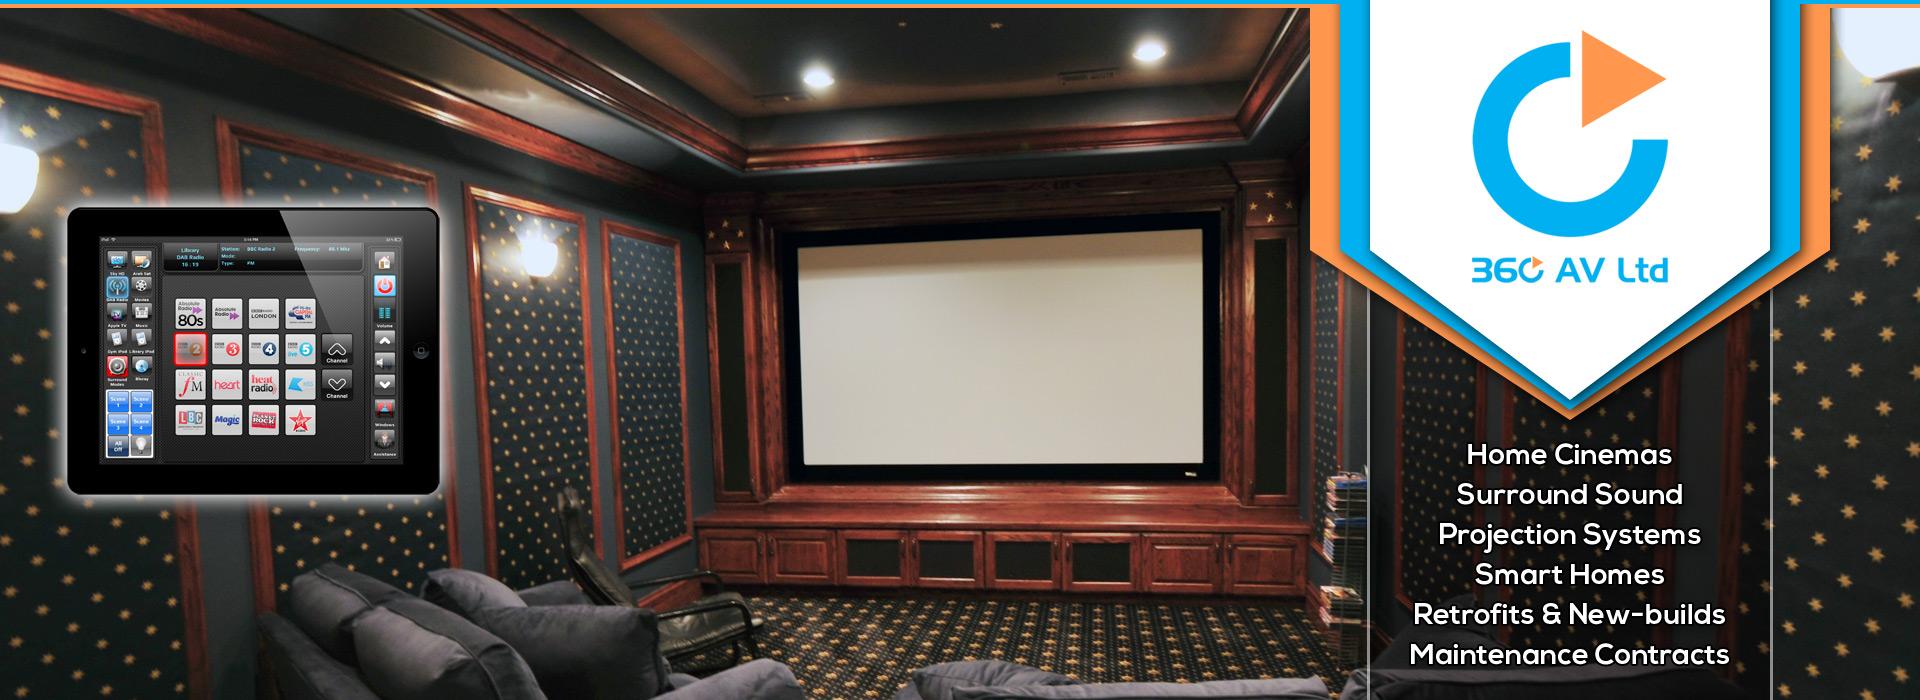 360 AV Ltd | Home Cinema System